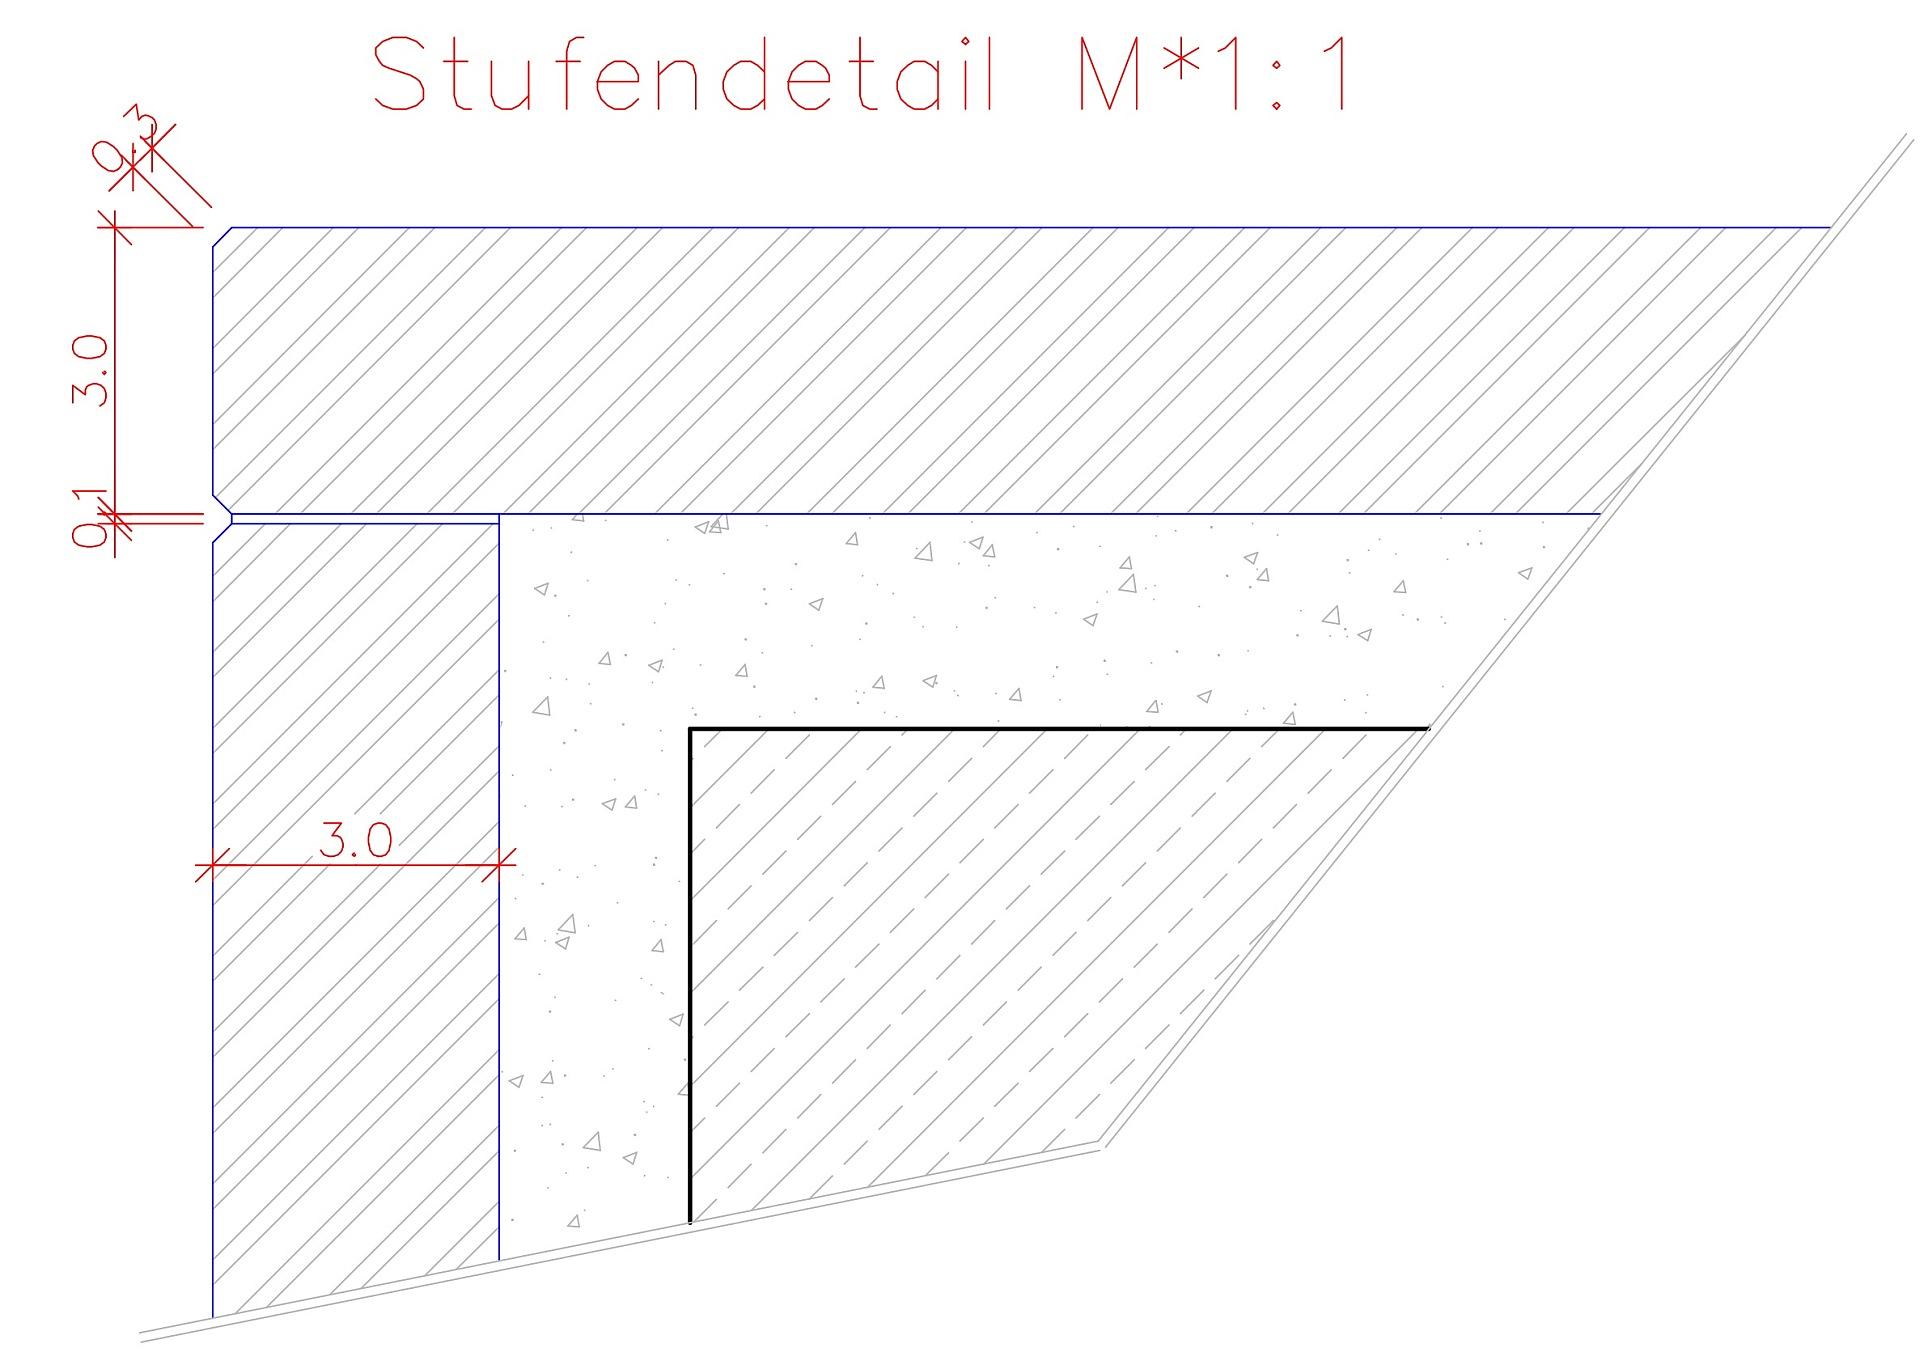 Autocad-Zeichnung eines Stufendetails